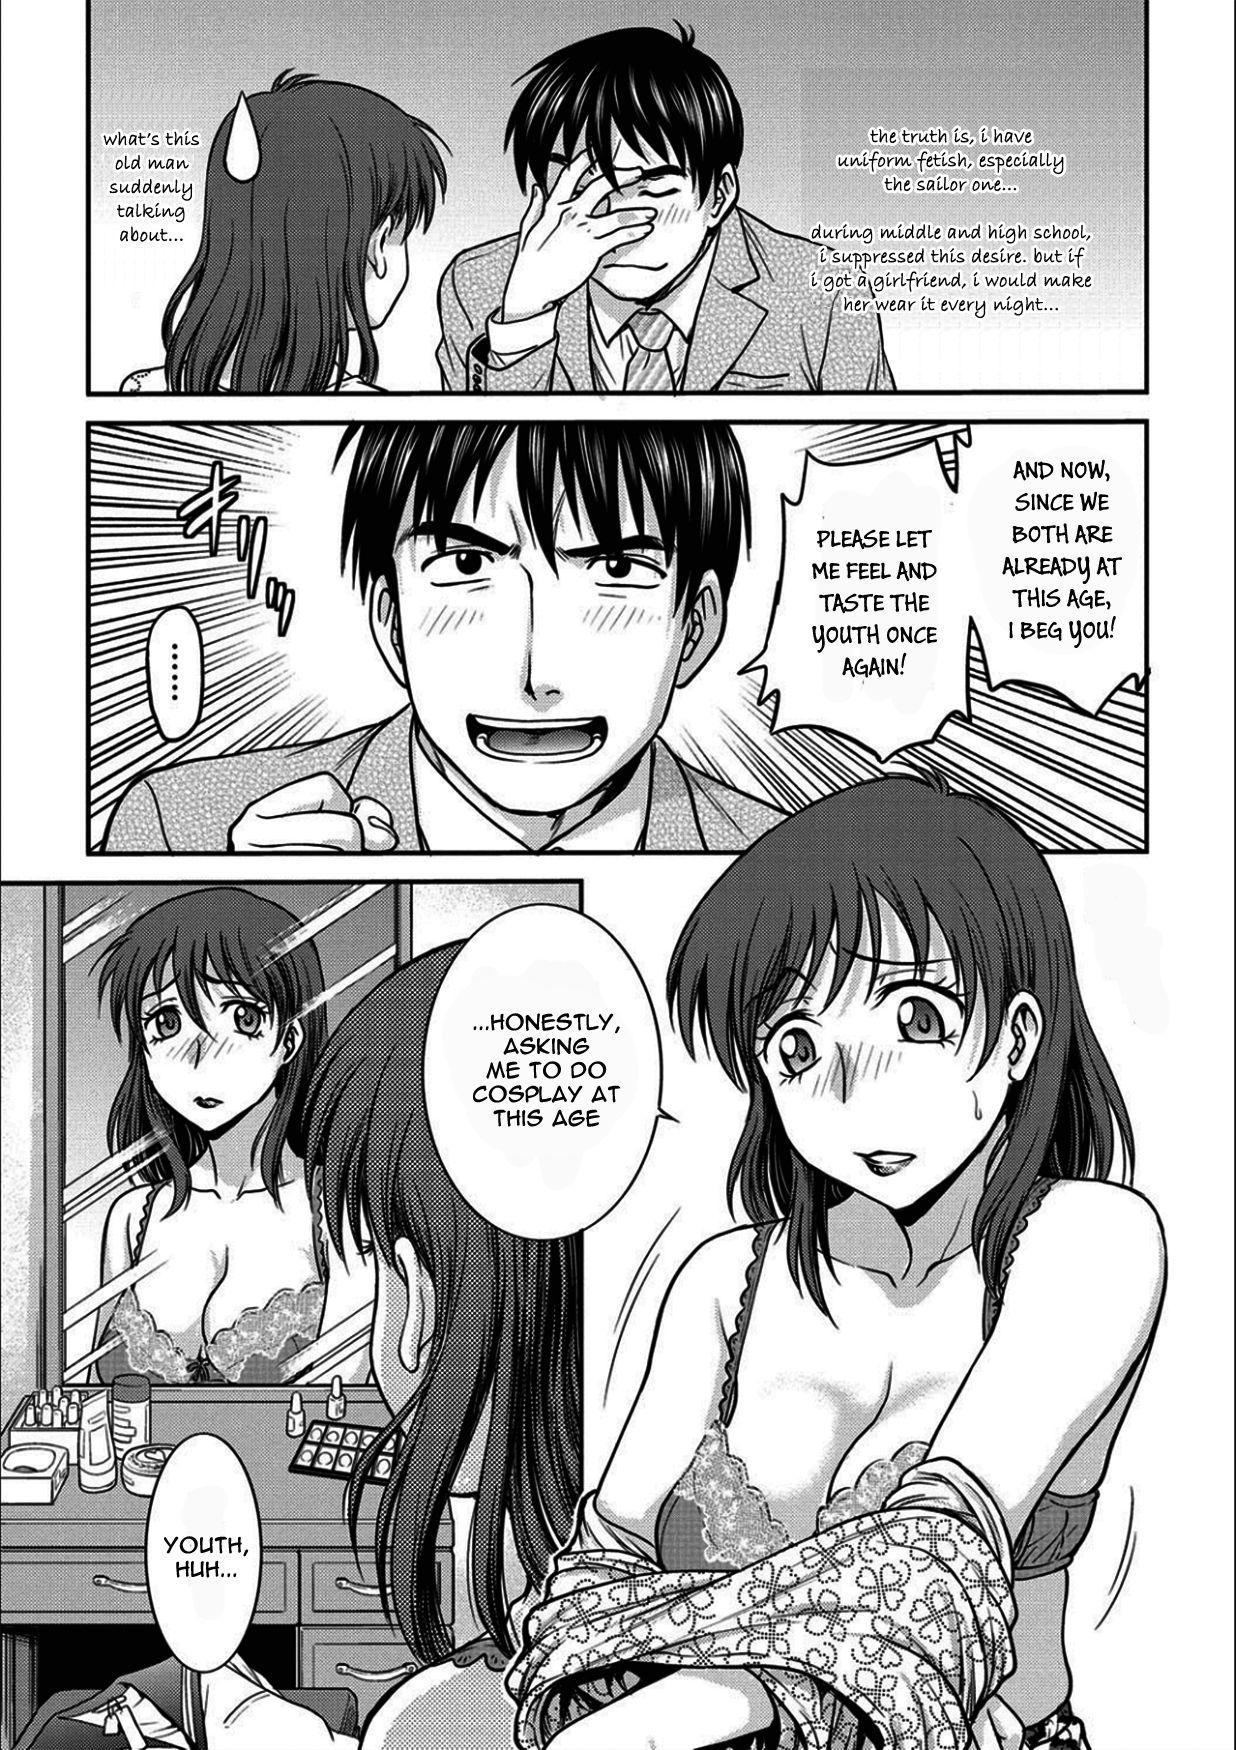 Otto ga Totsuzen Seiheki wo Kokuhaku Shite Kita ndesu ga... | My Hubby Suddenly Told Me His Fetish... 2